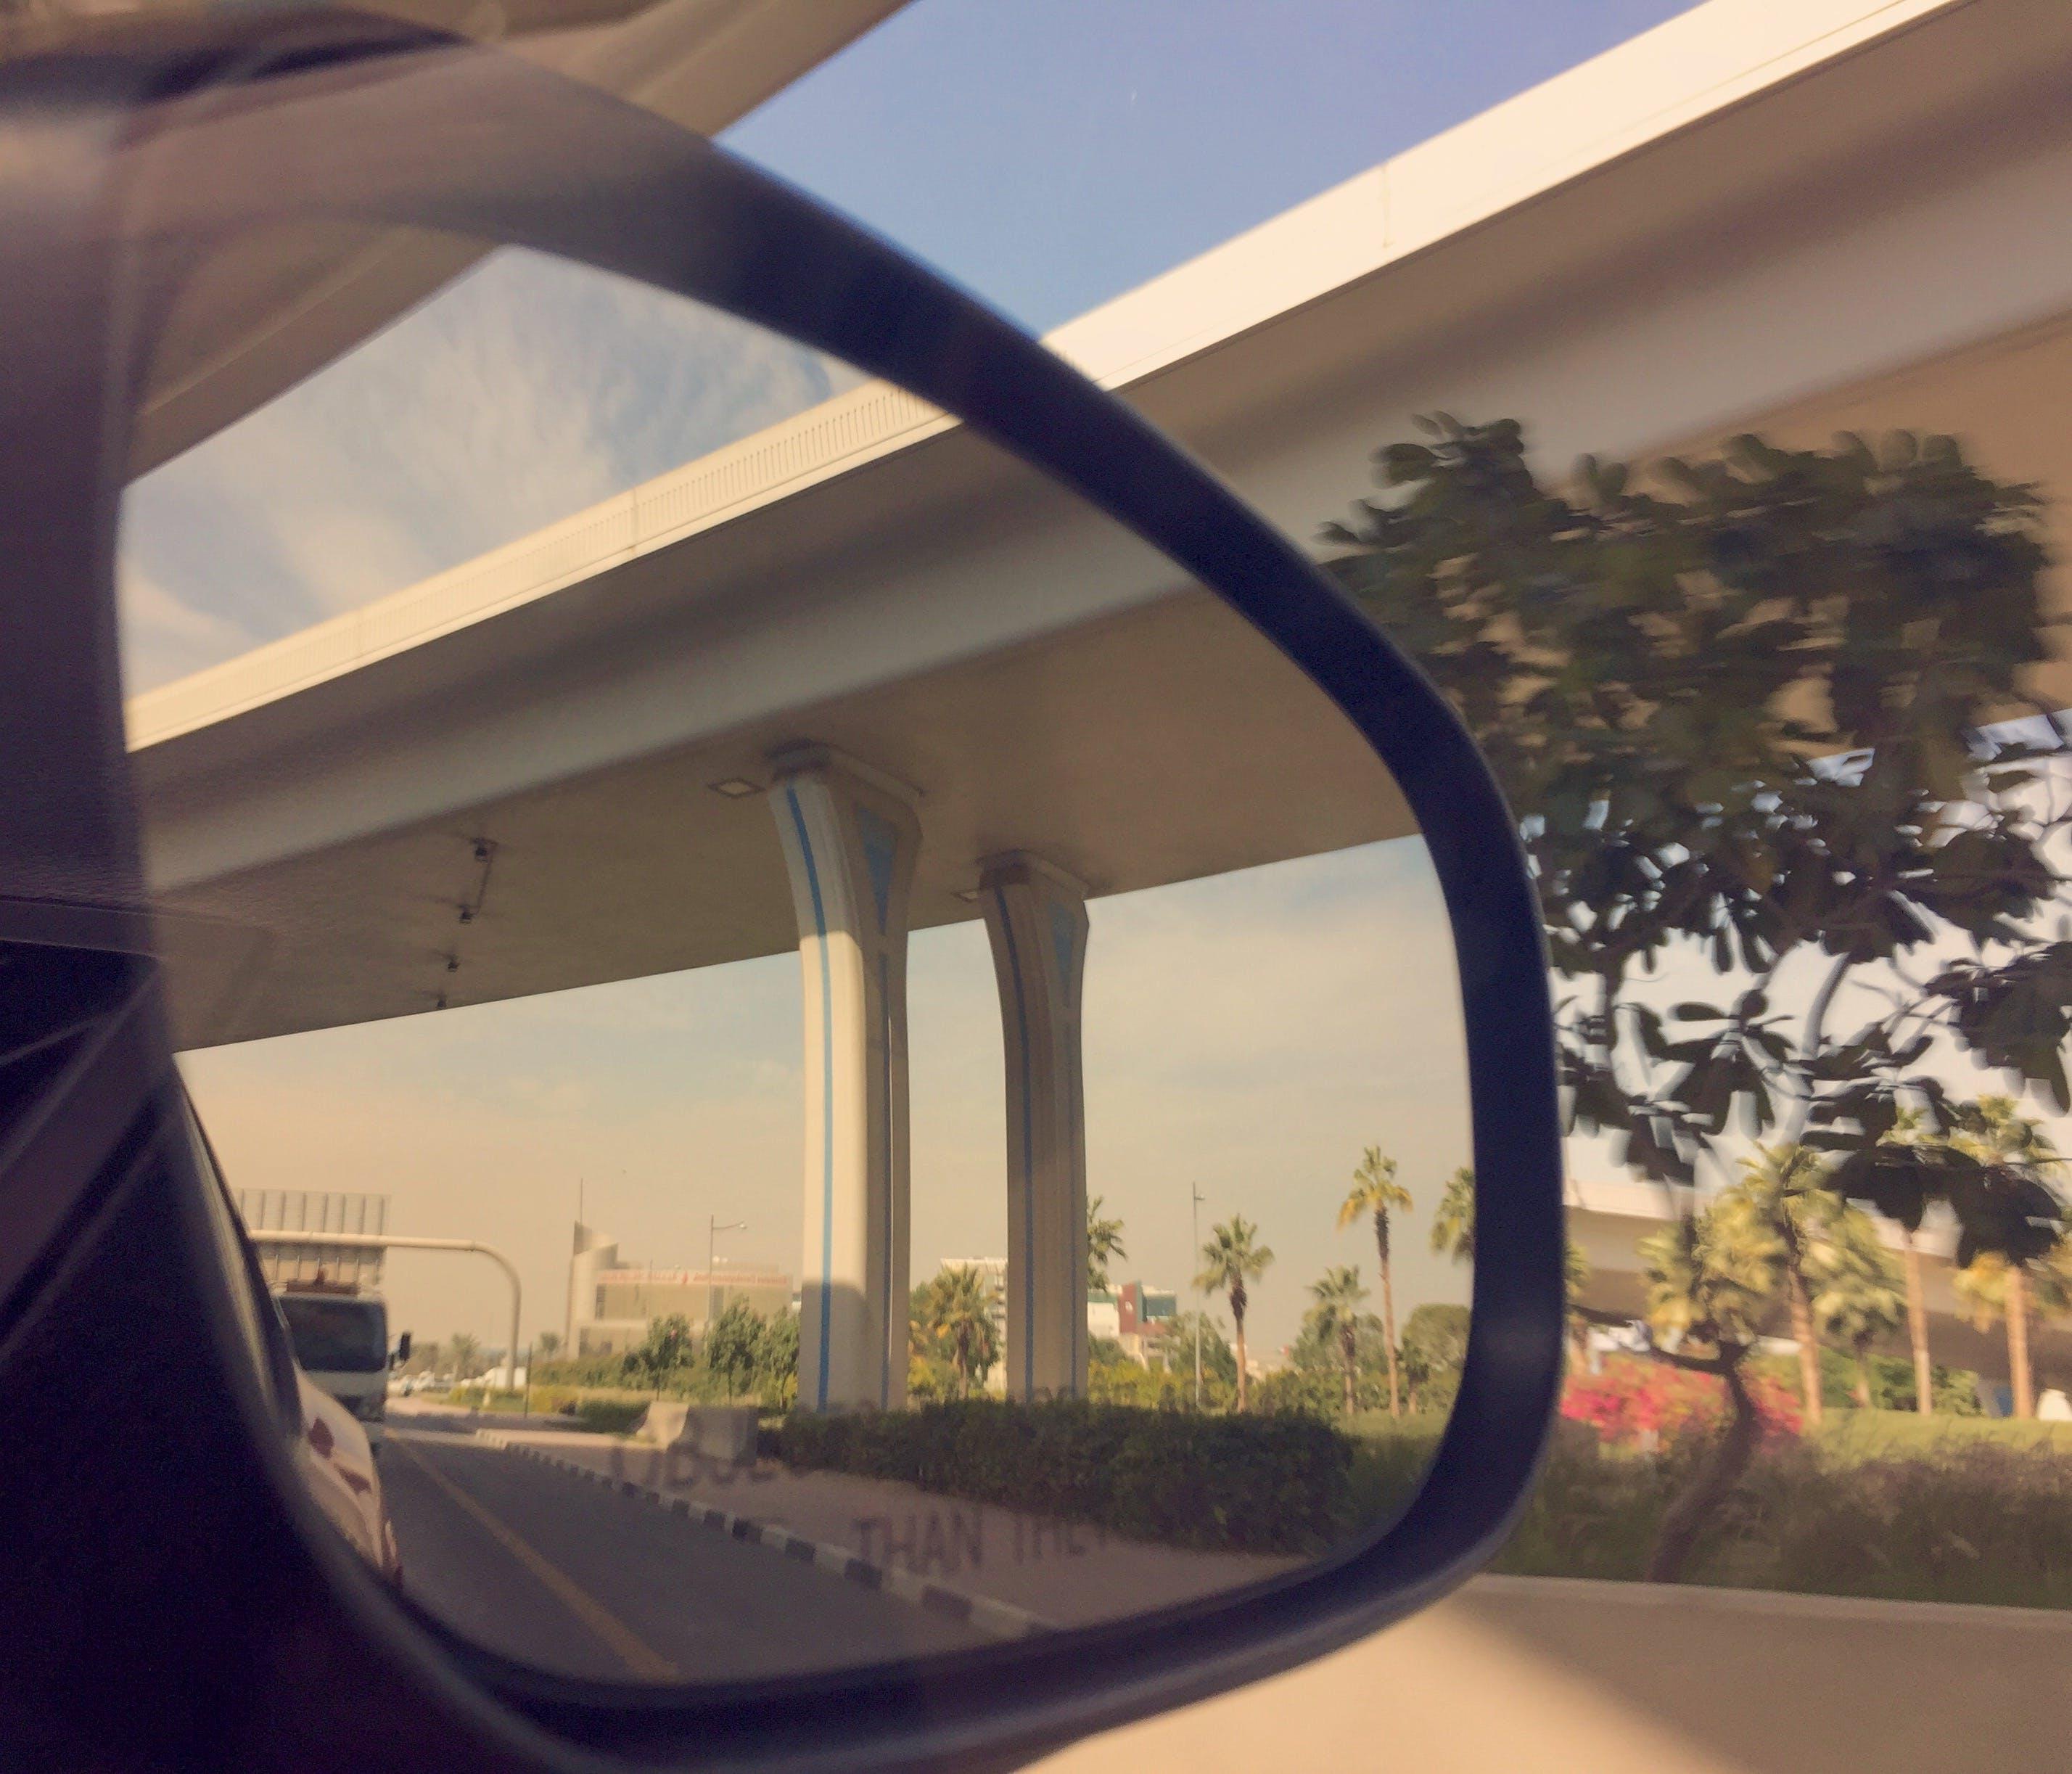 Δωρεάν στοκ φωτογραφιών με γέφυρα, εξωτερικός καθρέφτης, οδικός άξονας, φωτογραφία